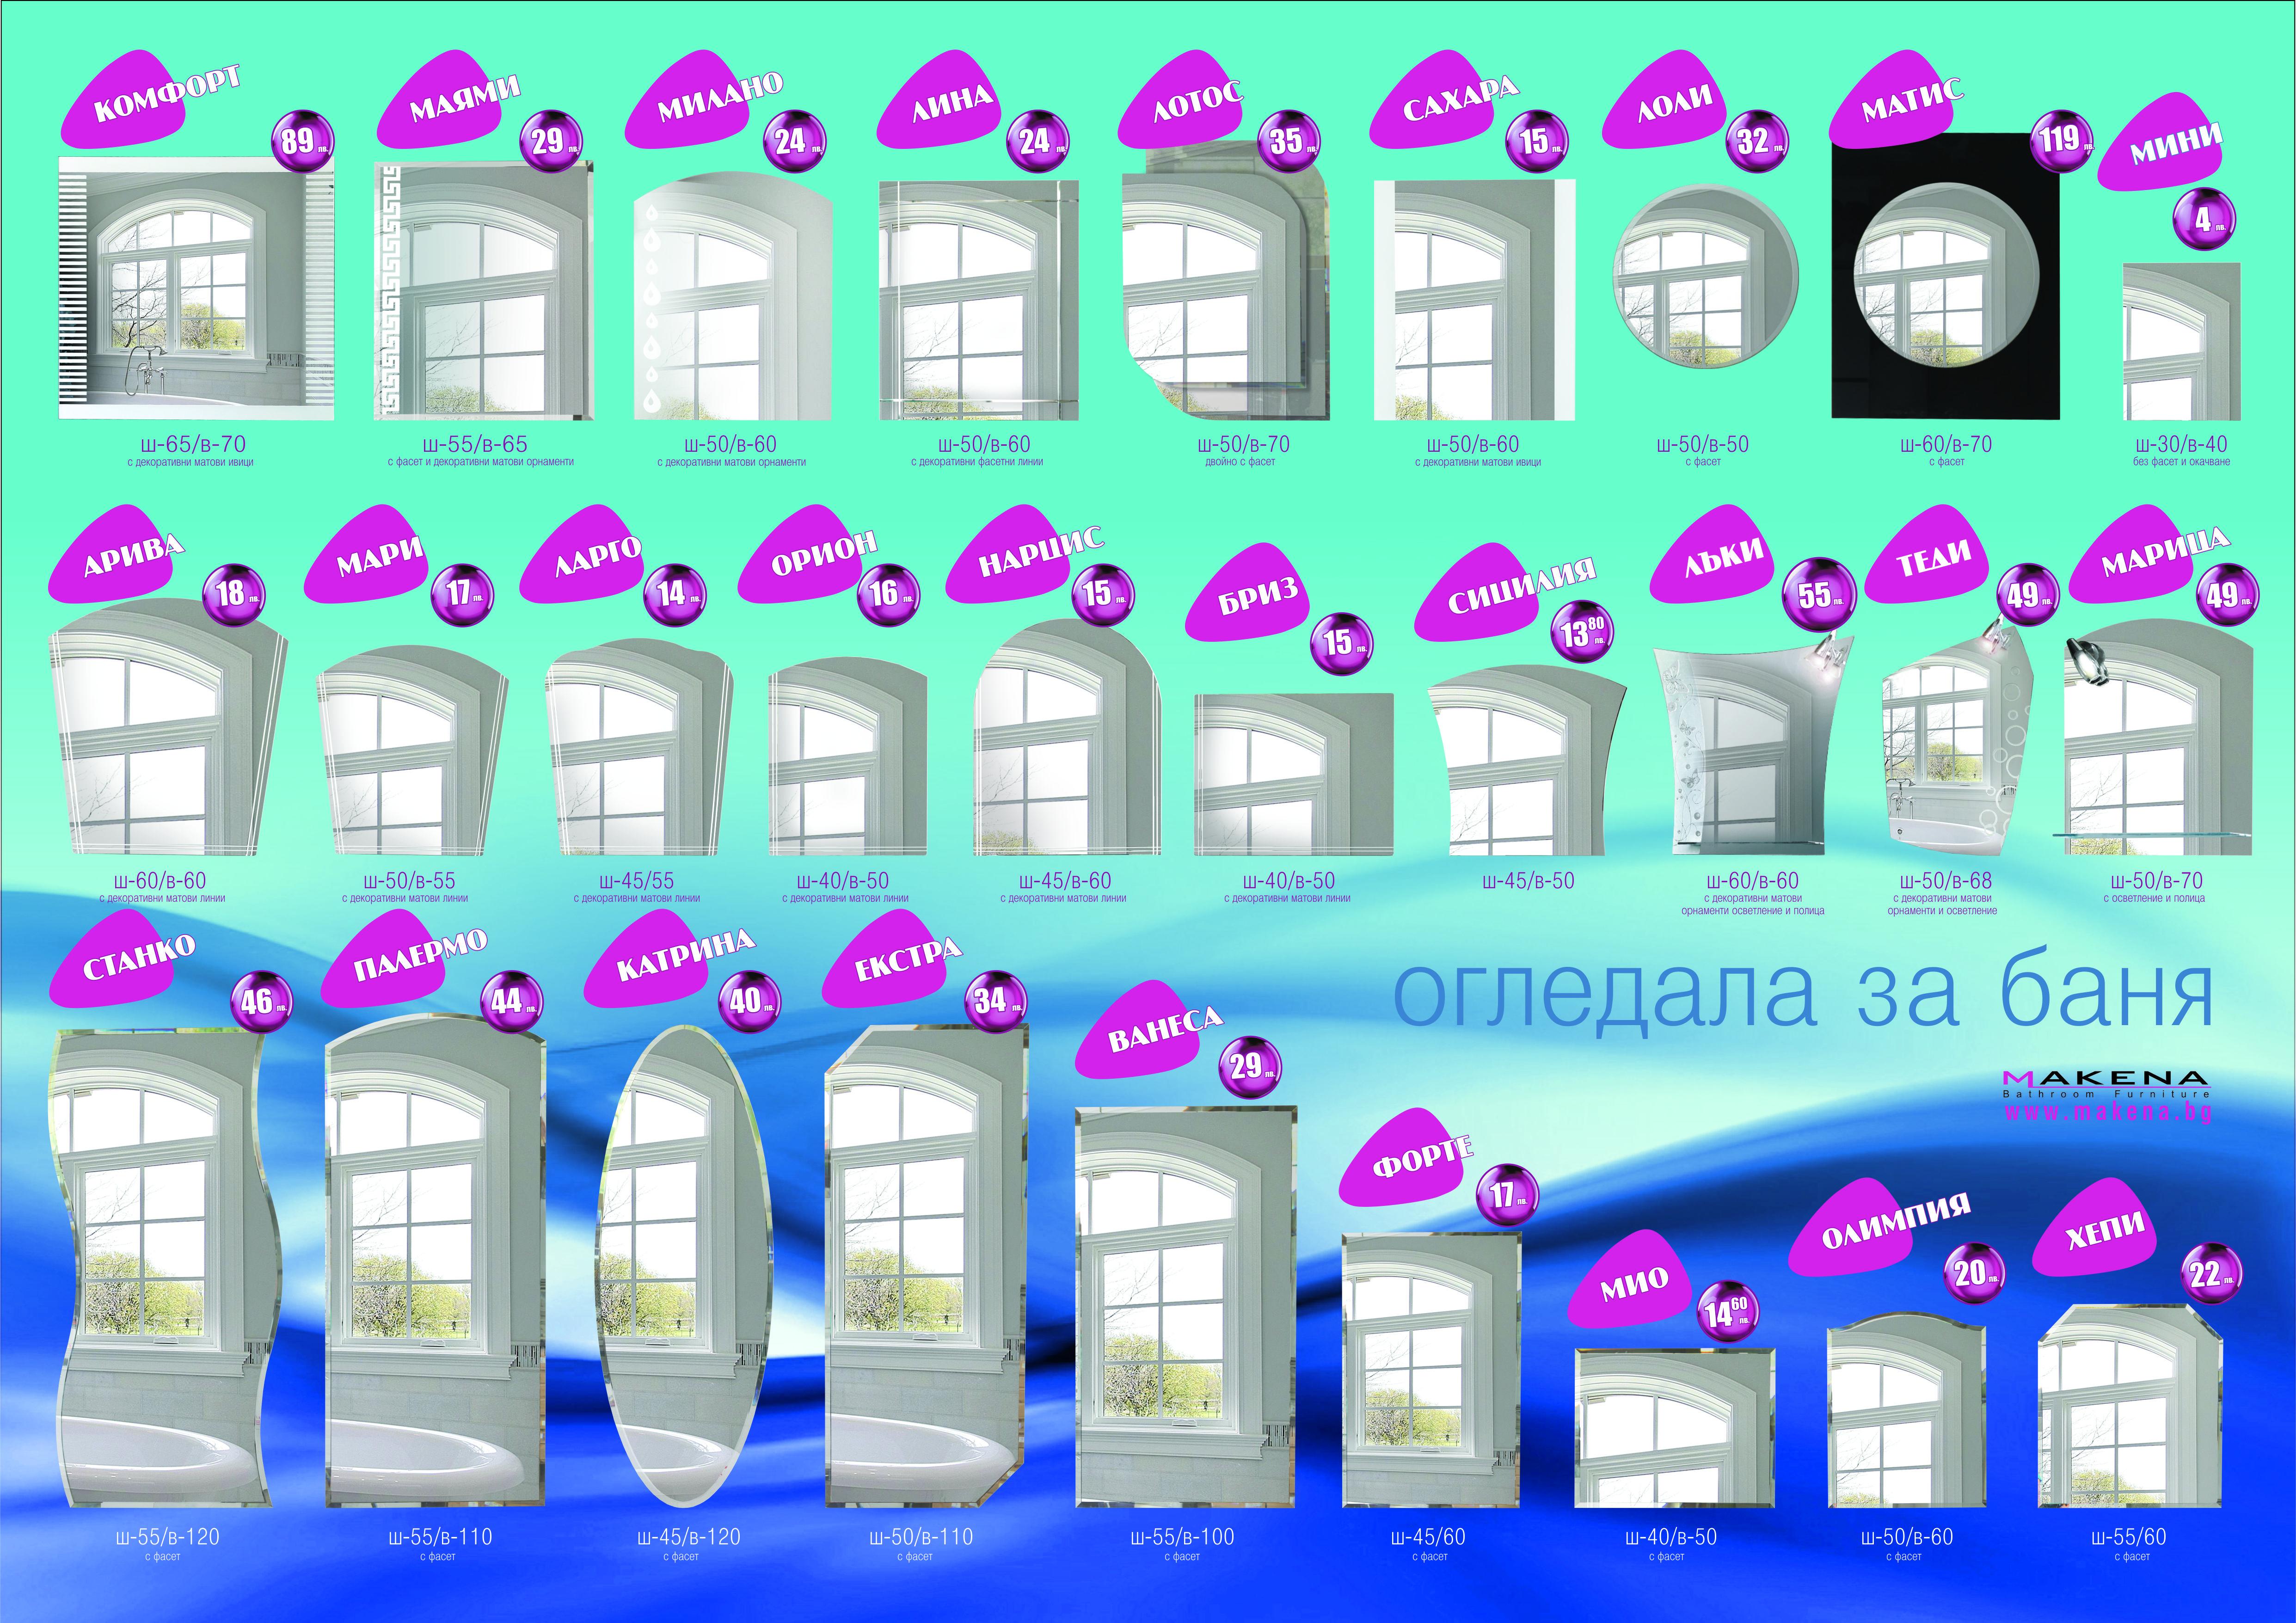 bro6ura OGLEDALA-002C